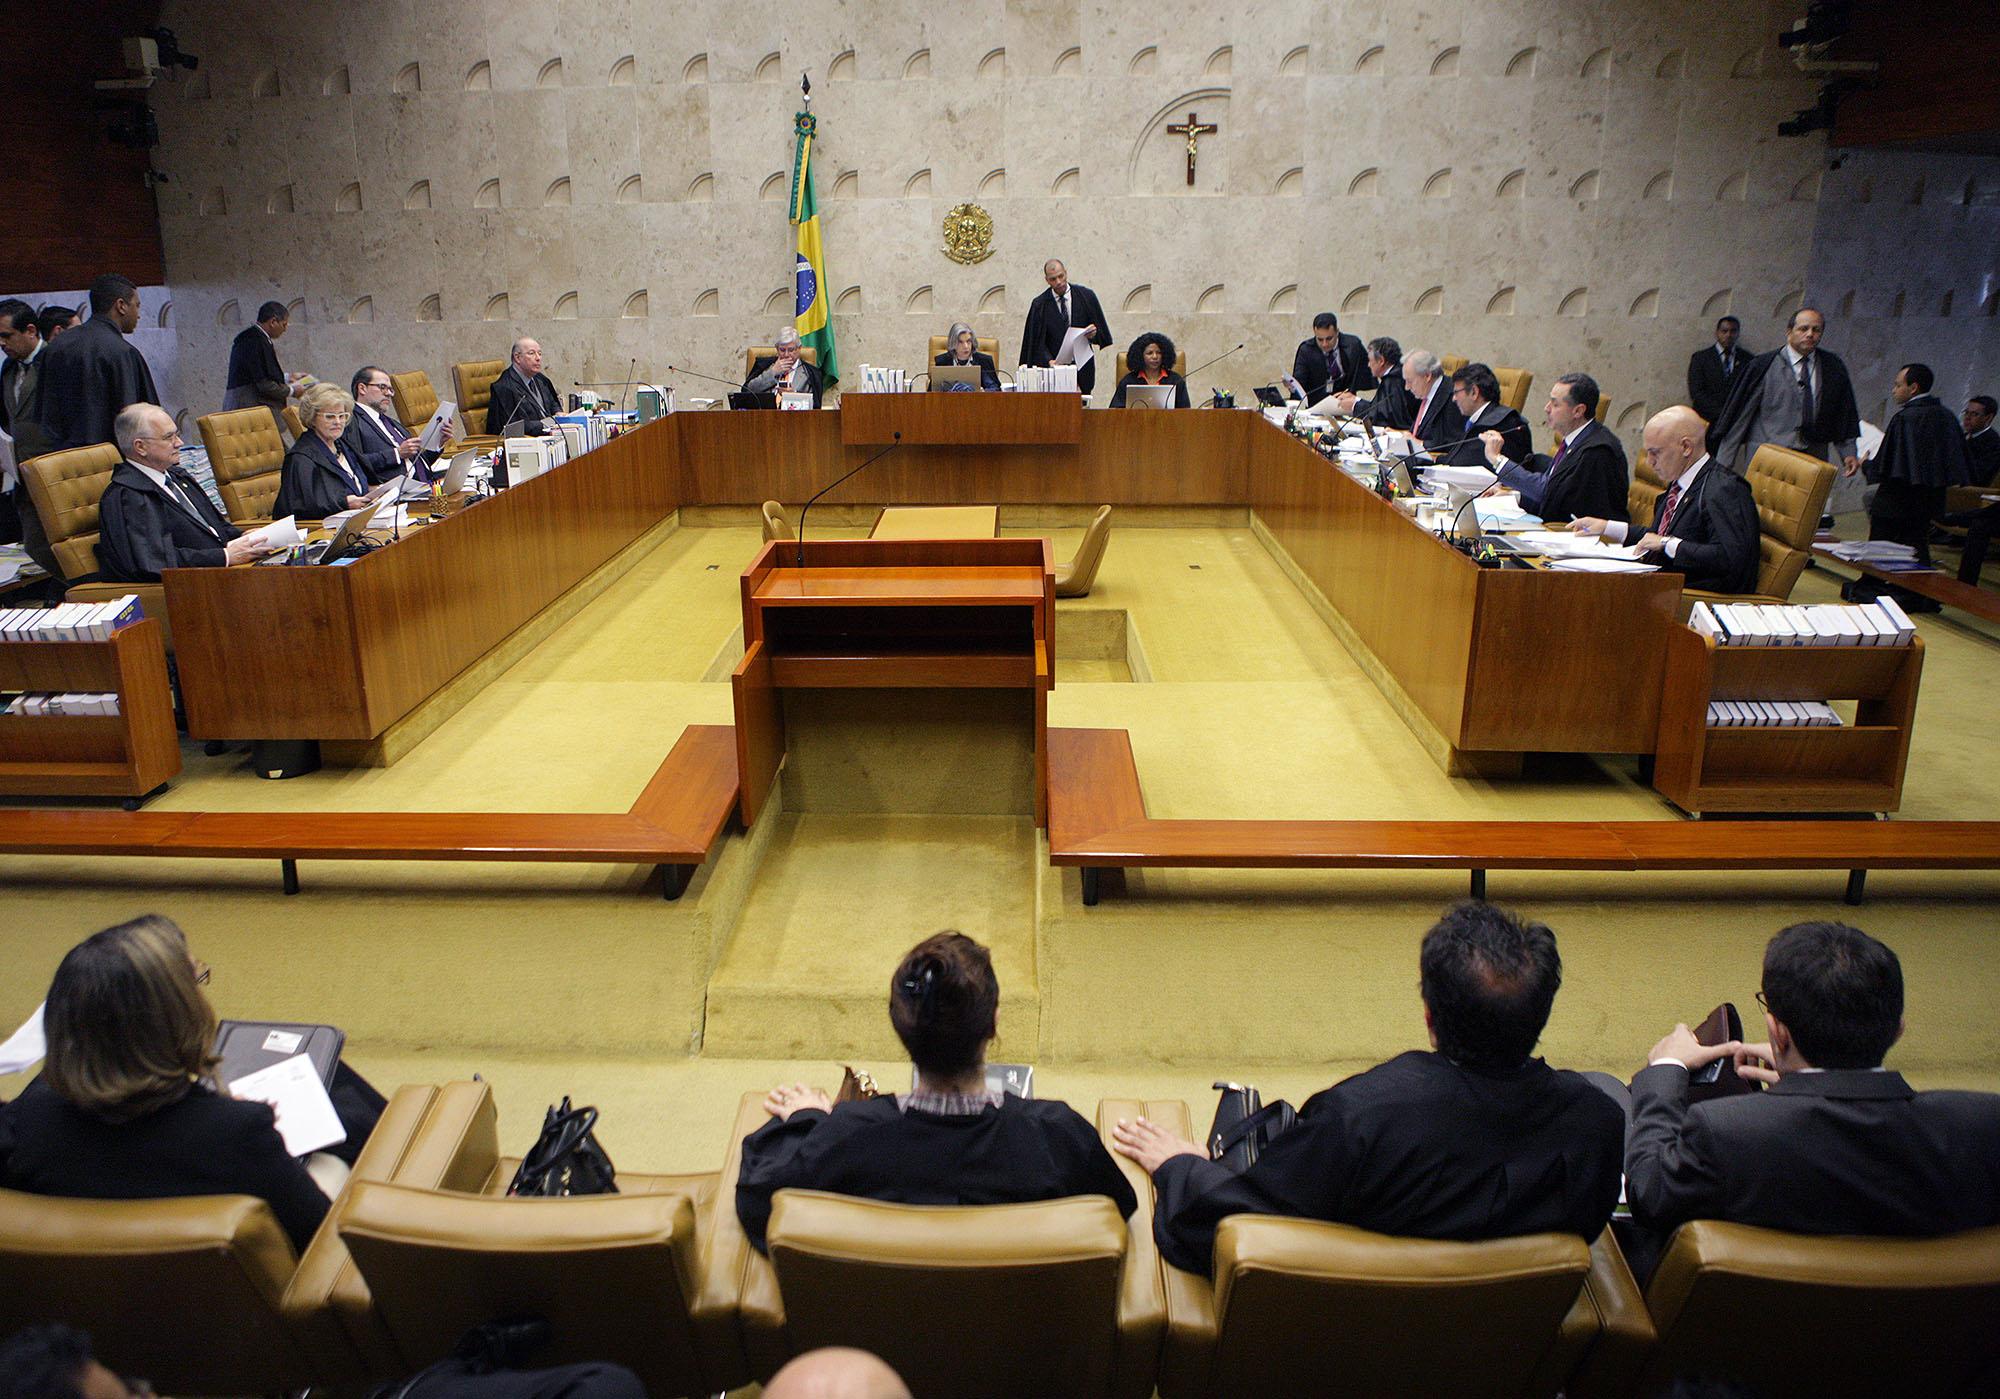 8e9e413c47d Ação Direta de Inconstitucionalidade Quilombola está para ser julgada pelo Supremo  Tribunal Federal desde 2012 (